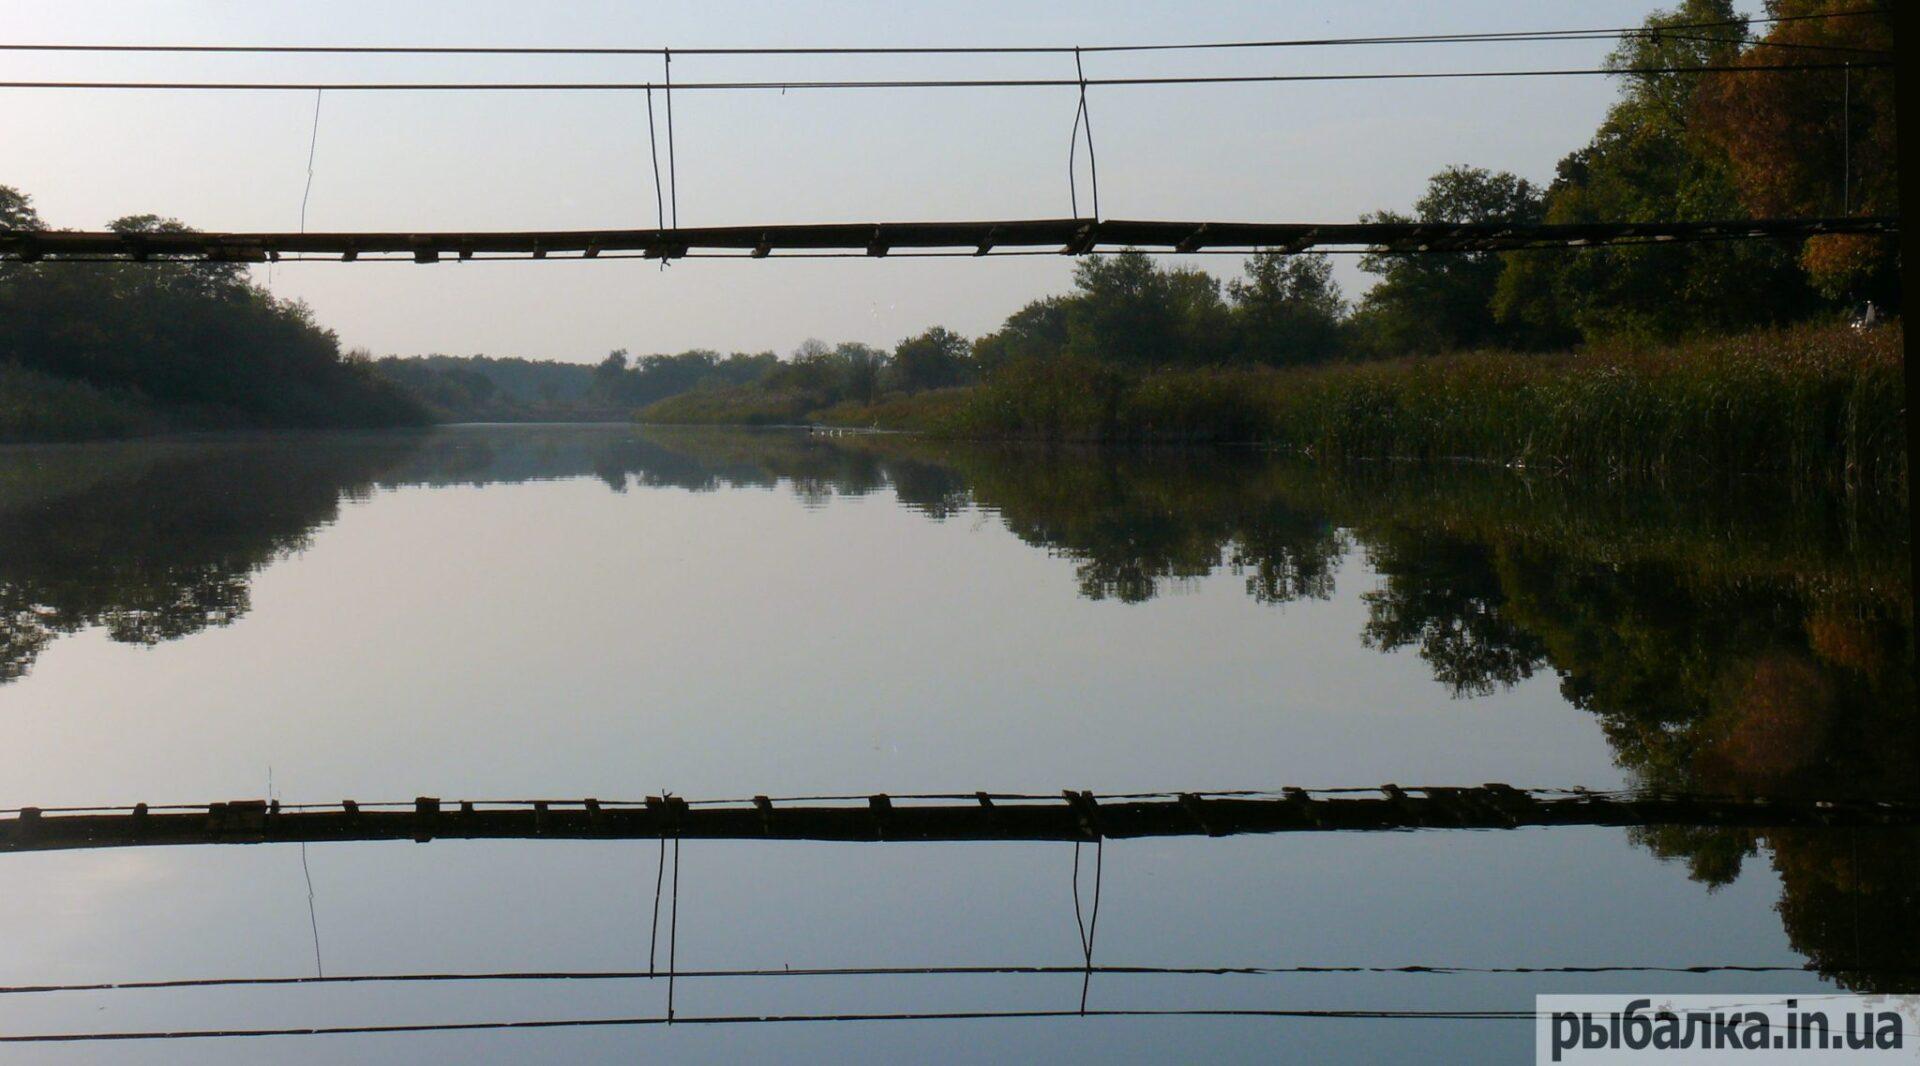 рыбалка на реке обуховская